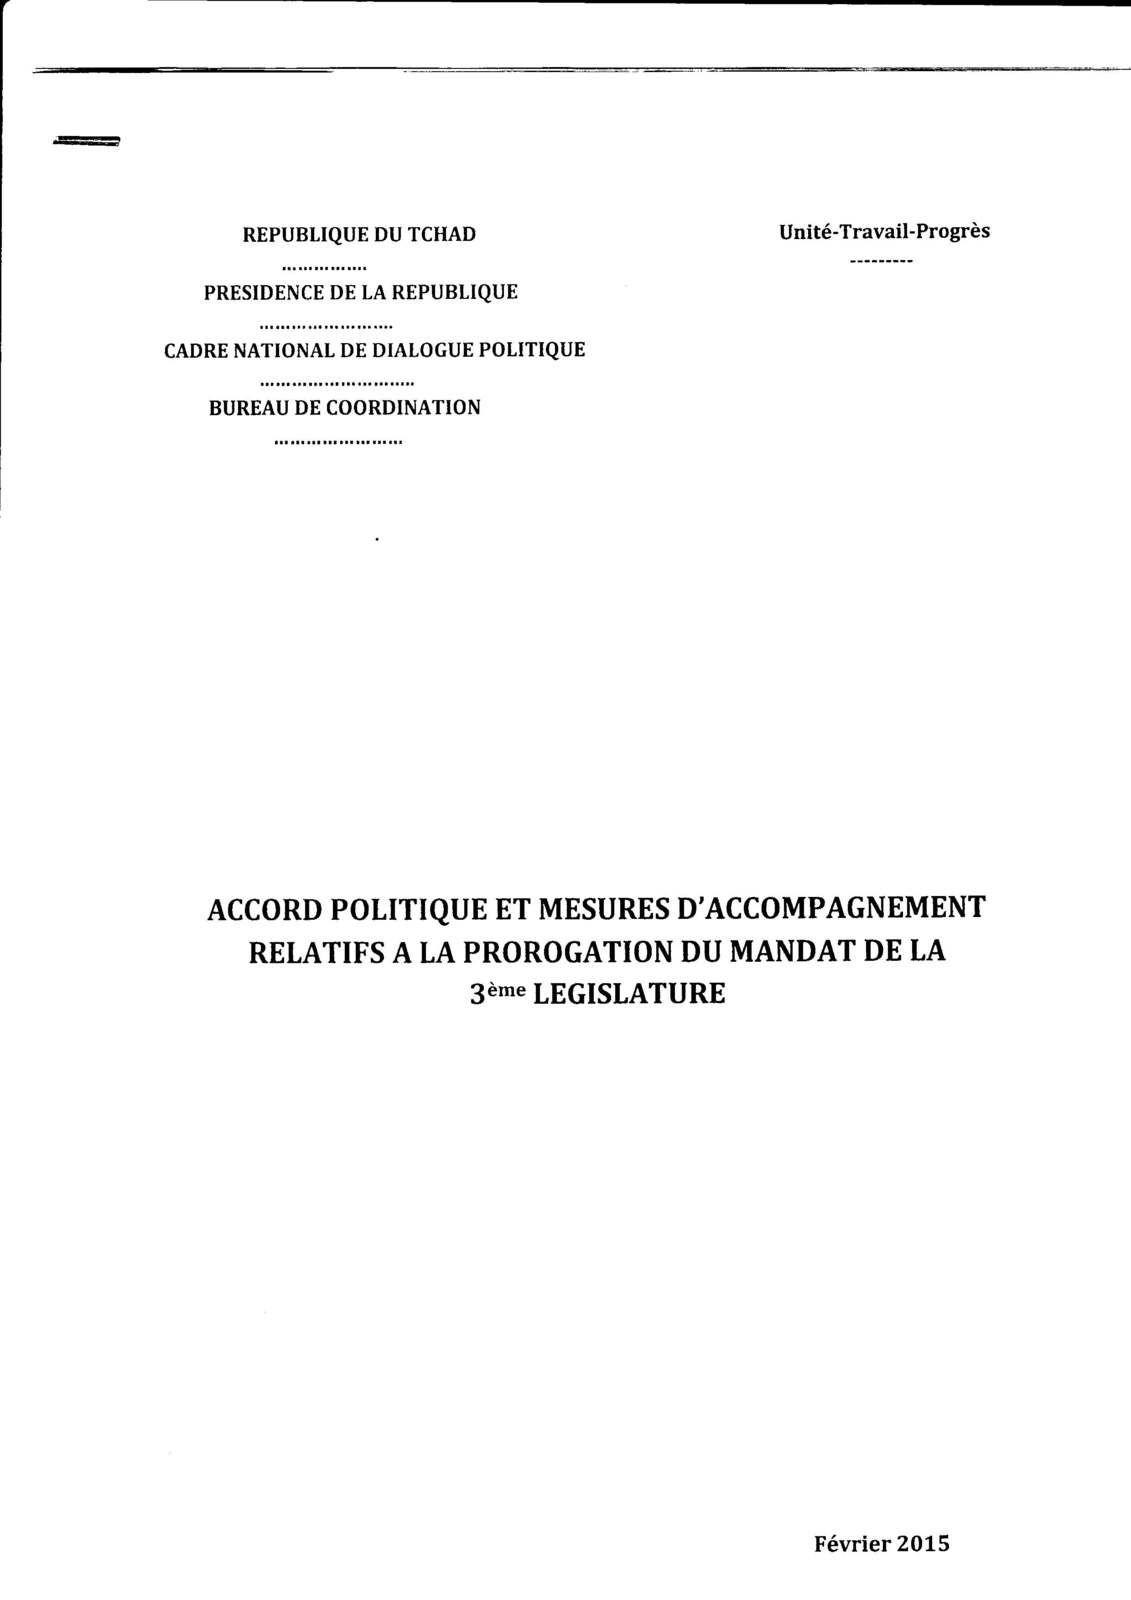 3ème législature au Tchad( voir l'accord politique)